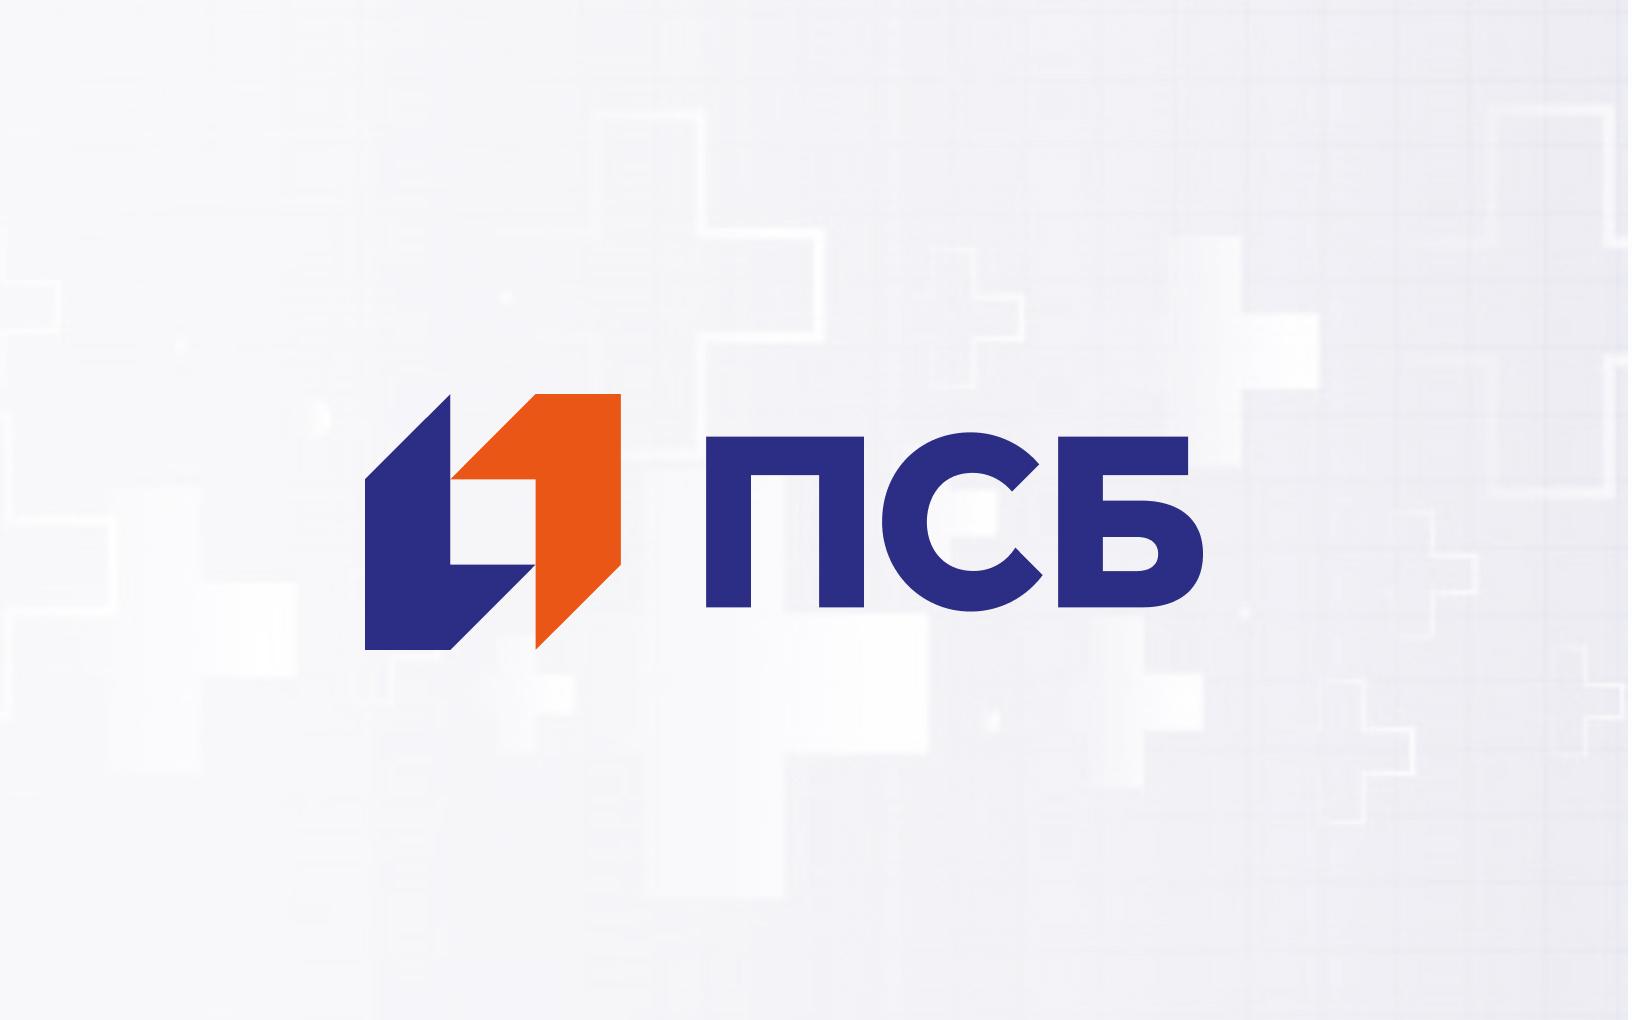 ПСБ повторно запускает промо-вклад «Годовой бонус»